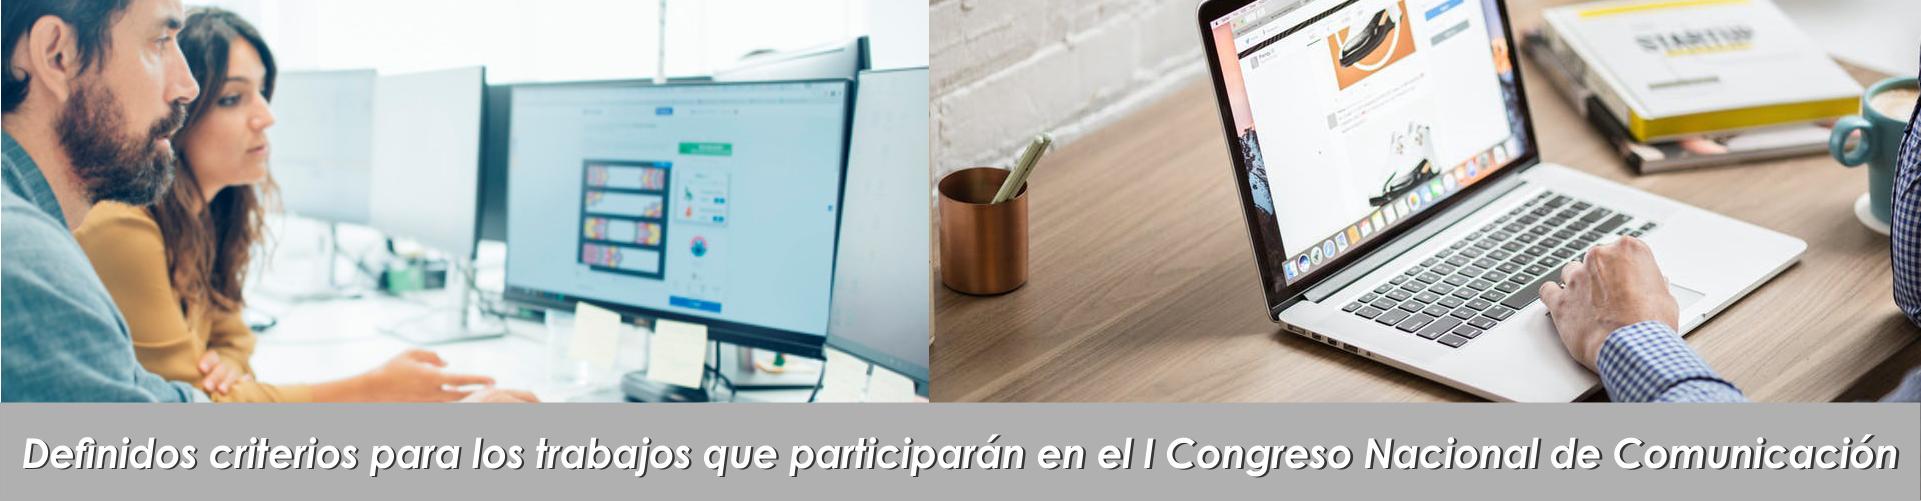 criterios-congreso-pagina-webb